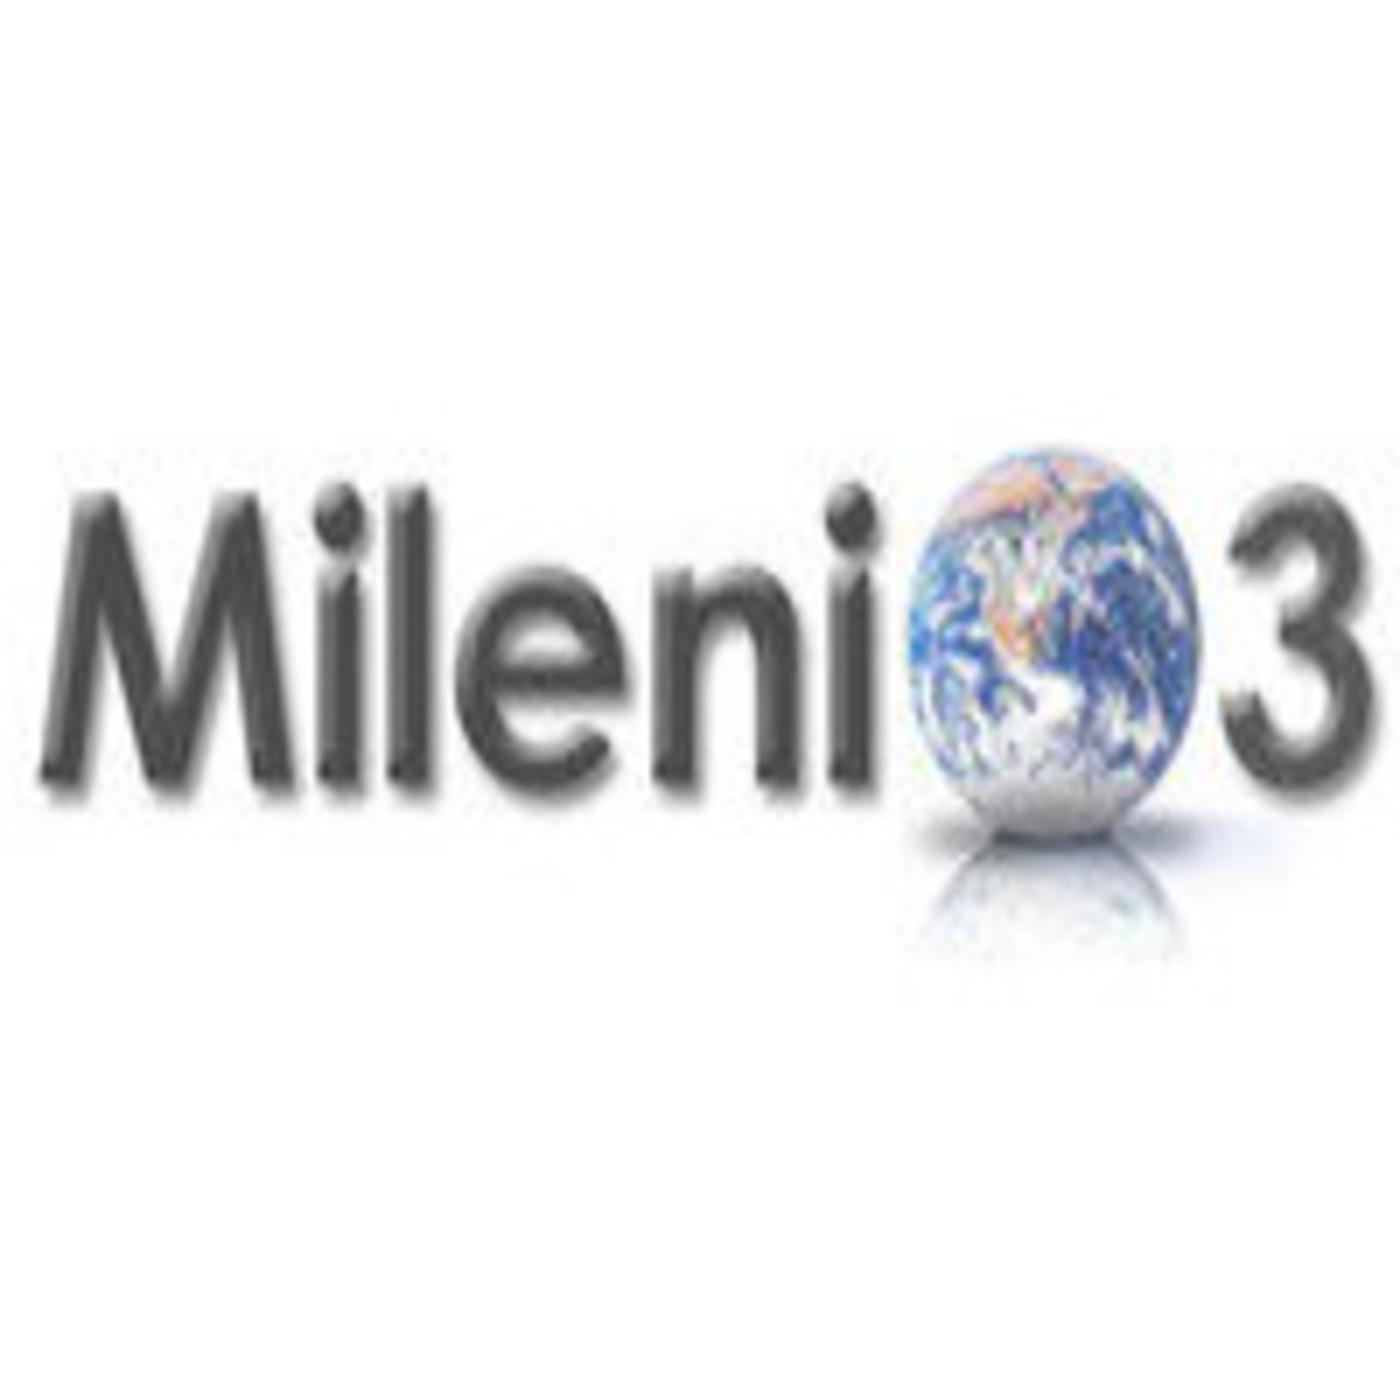 milenio 3 La sábana Santa (27/07/02) en MILENIO 3 1º temporada (2002 ...